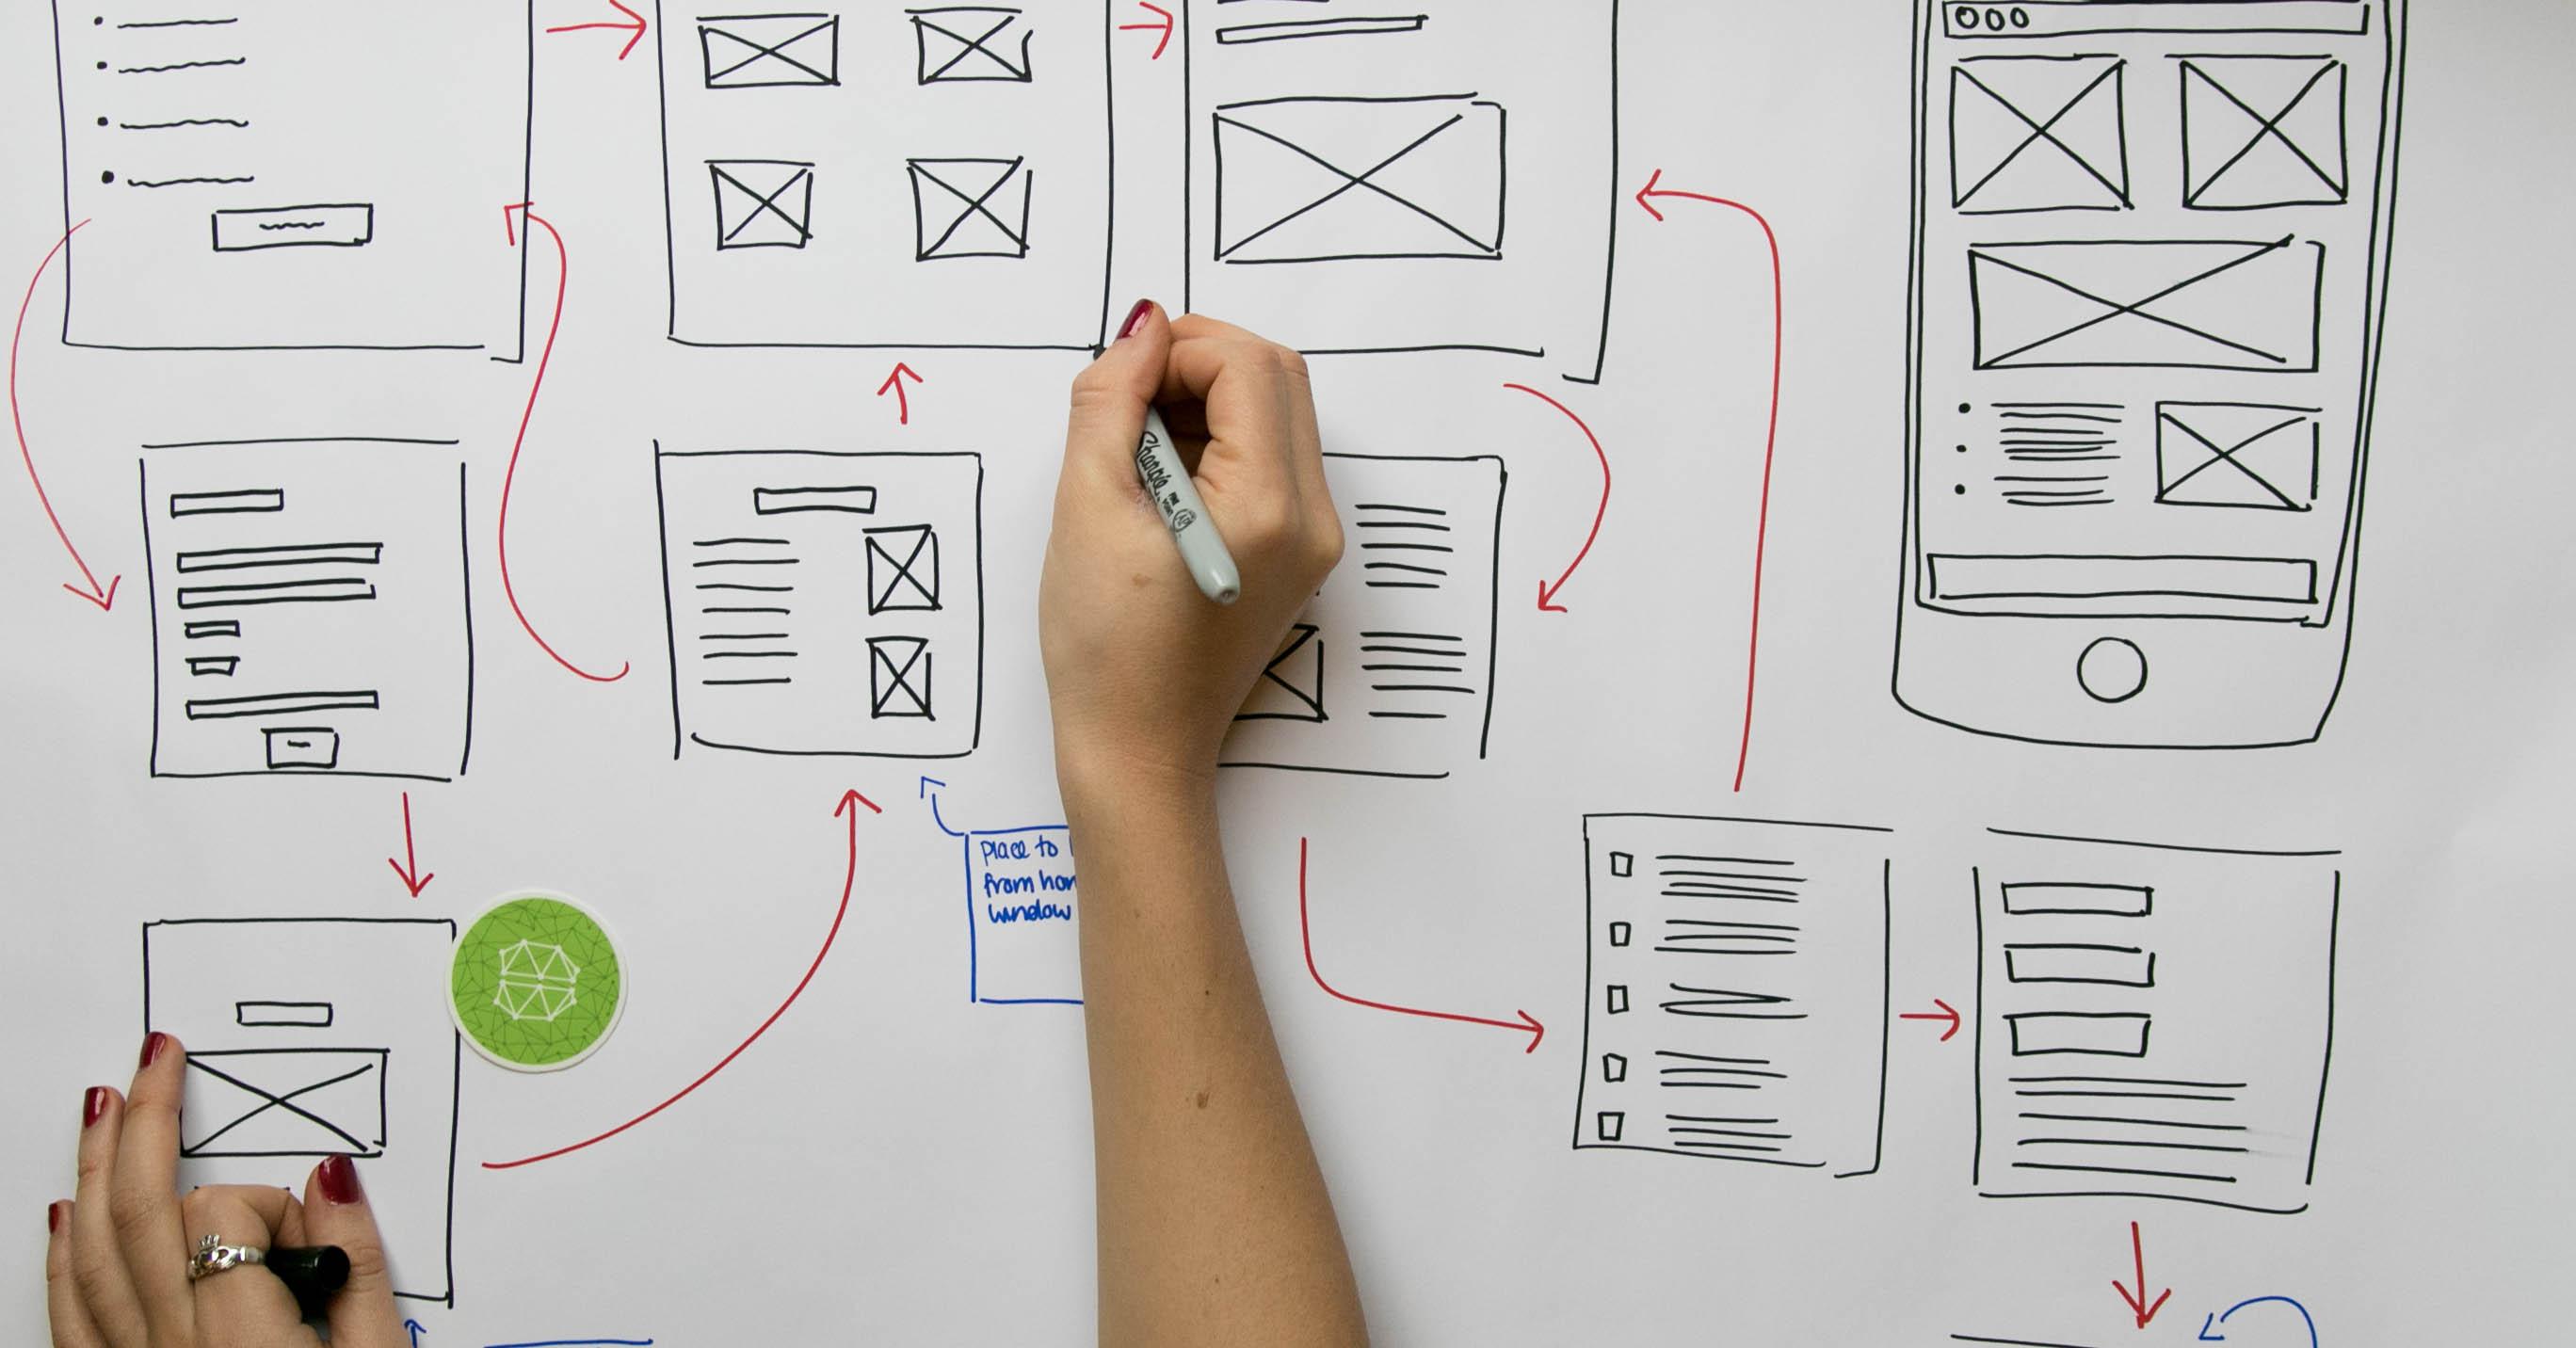 Diferença entre UX e UI design